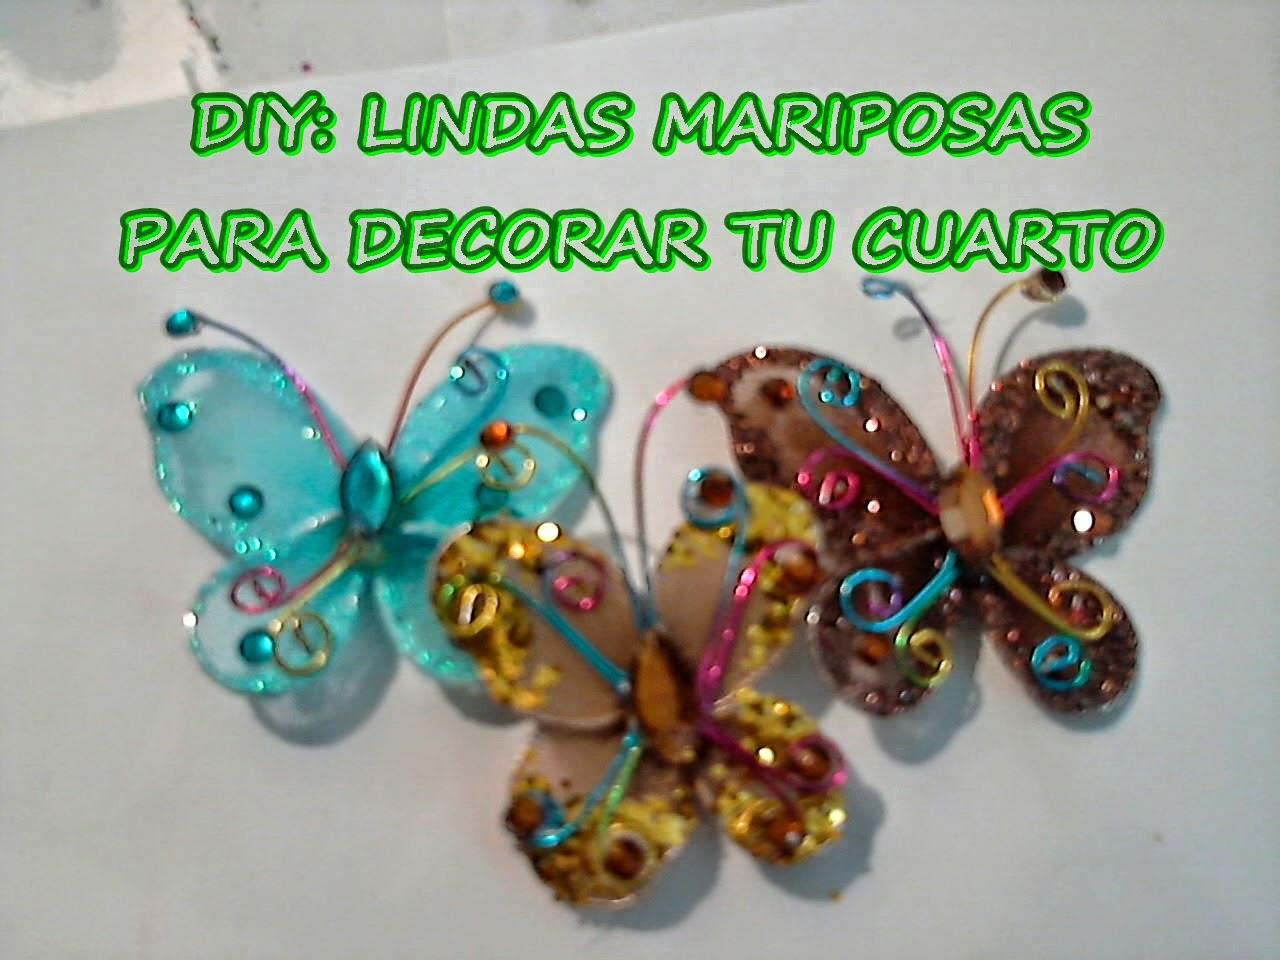 Diy inspiration diy lindas mariposas en medias for Cosas para decorar tu habitacion